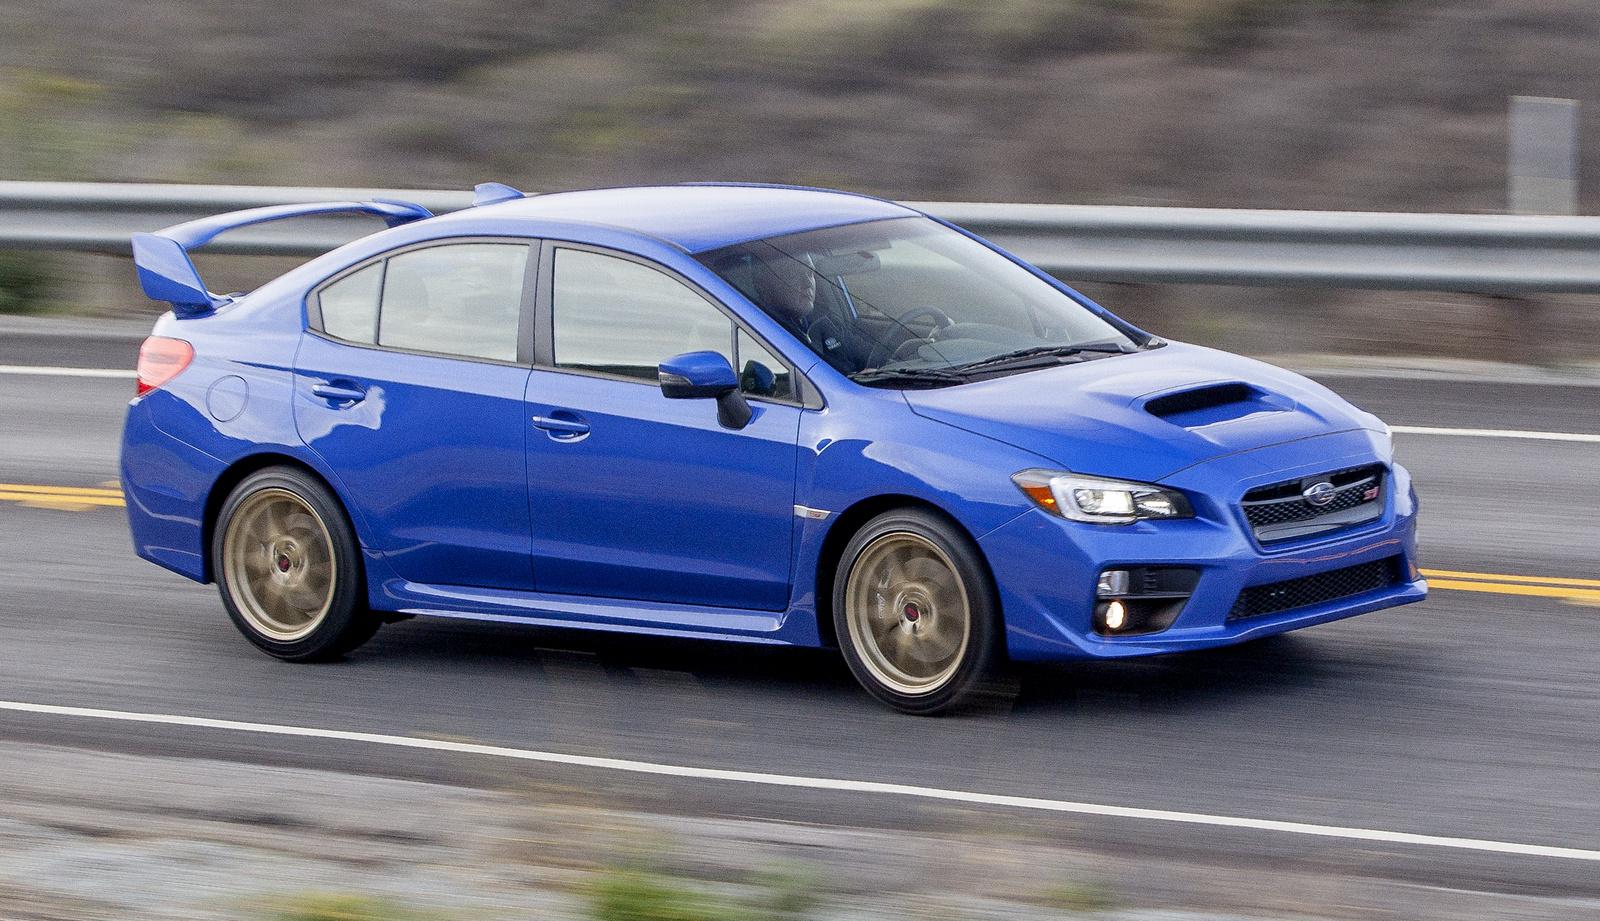 New 2014 2015 2016 Subaru Impreza Wrx Sti For Sale